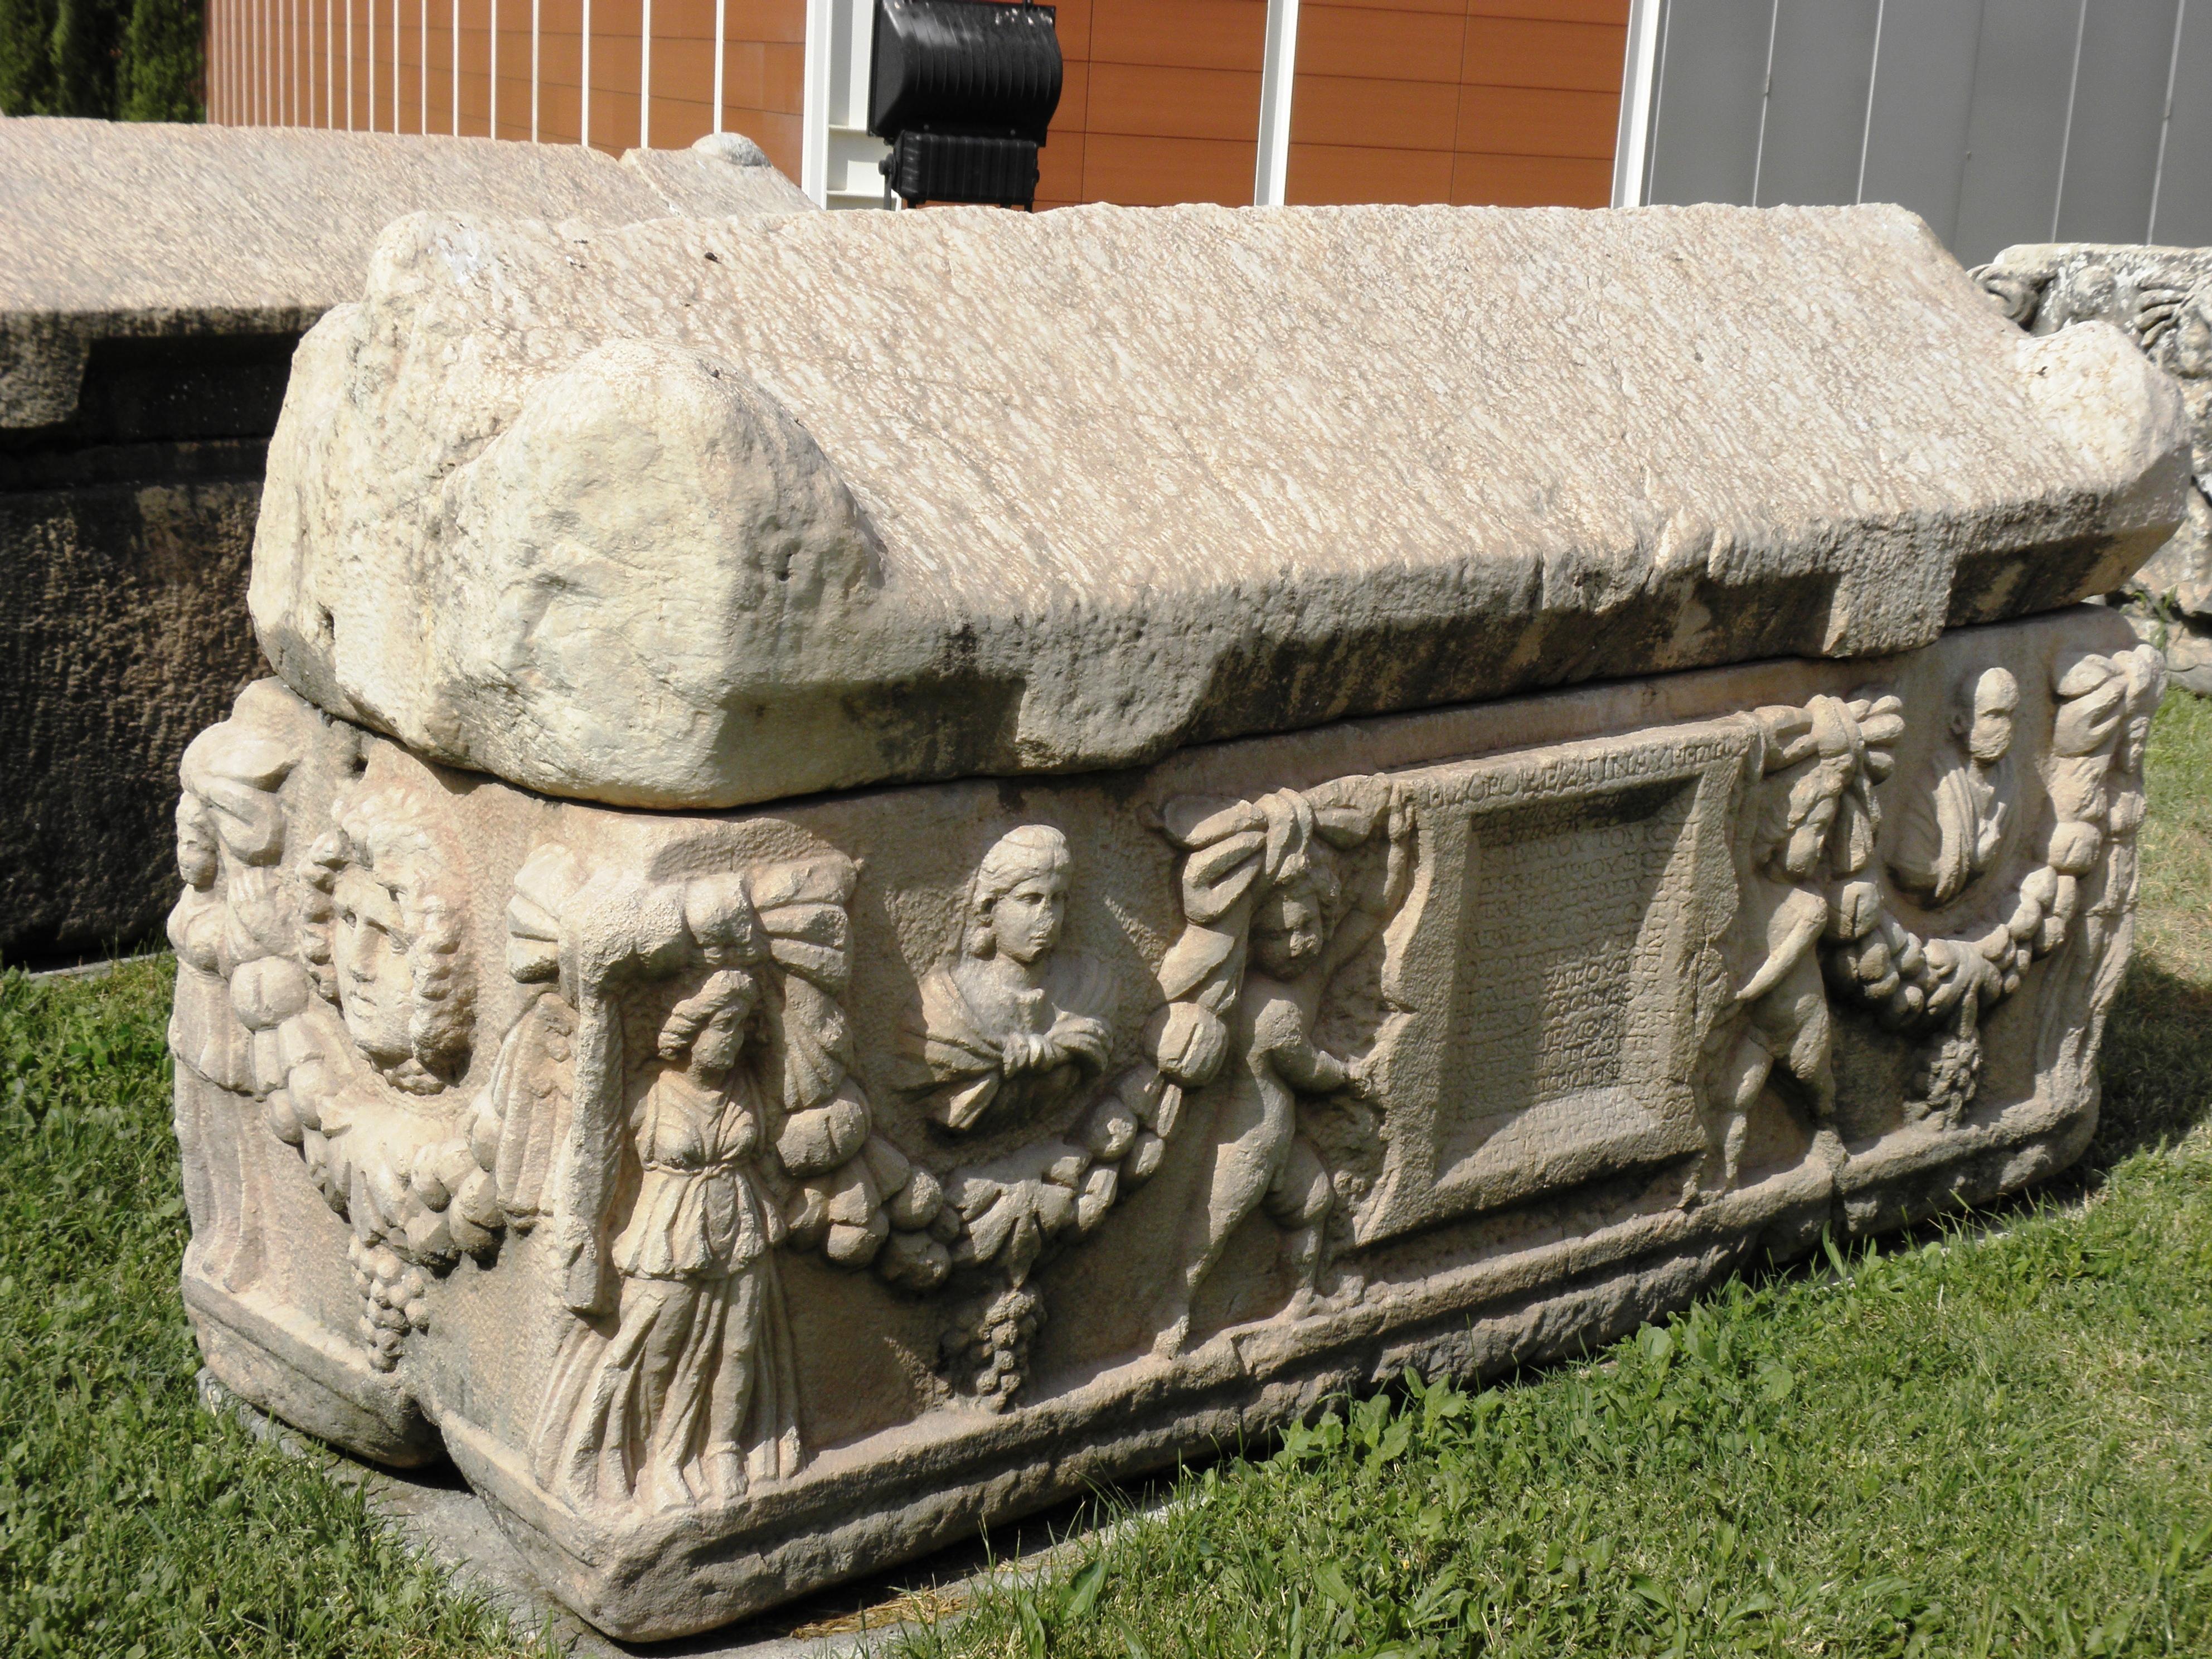 Sarkofag stone photo